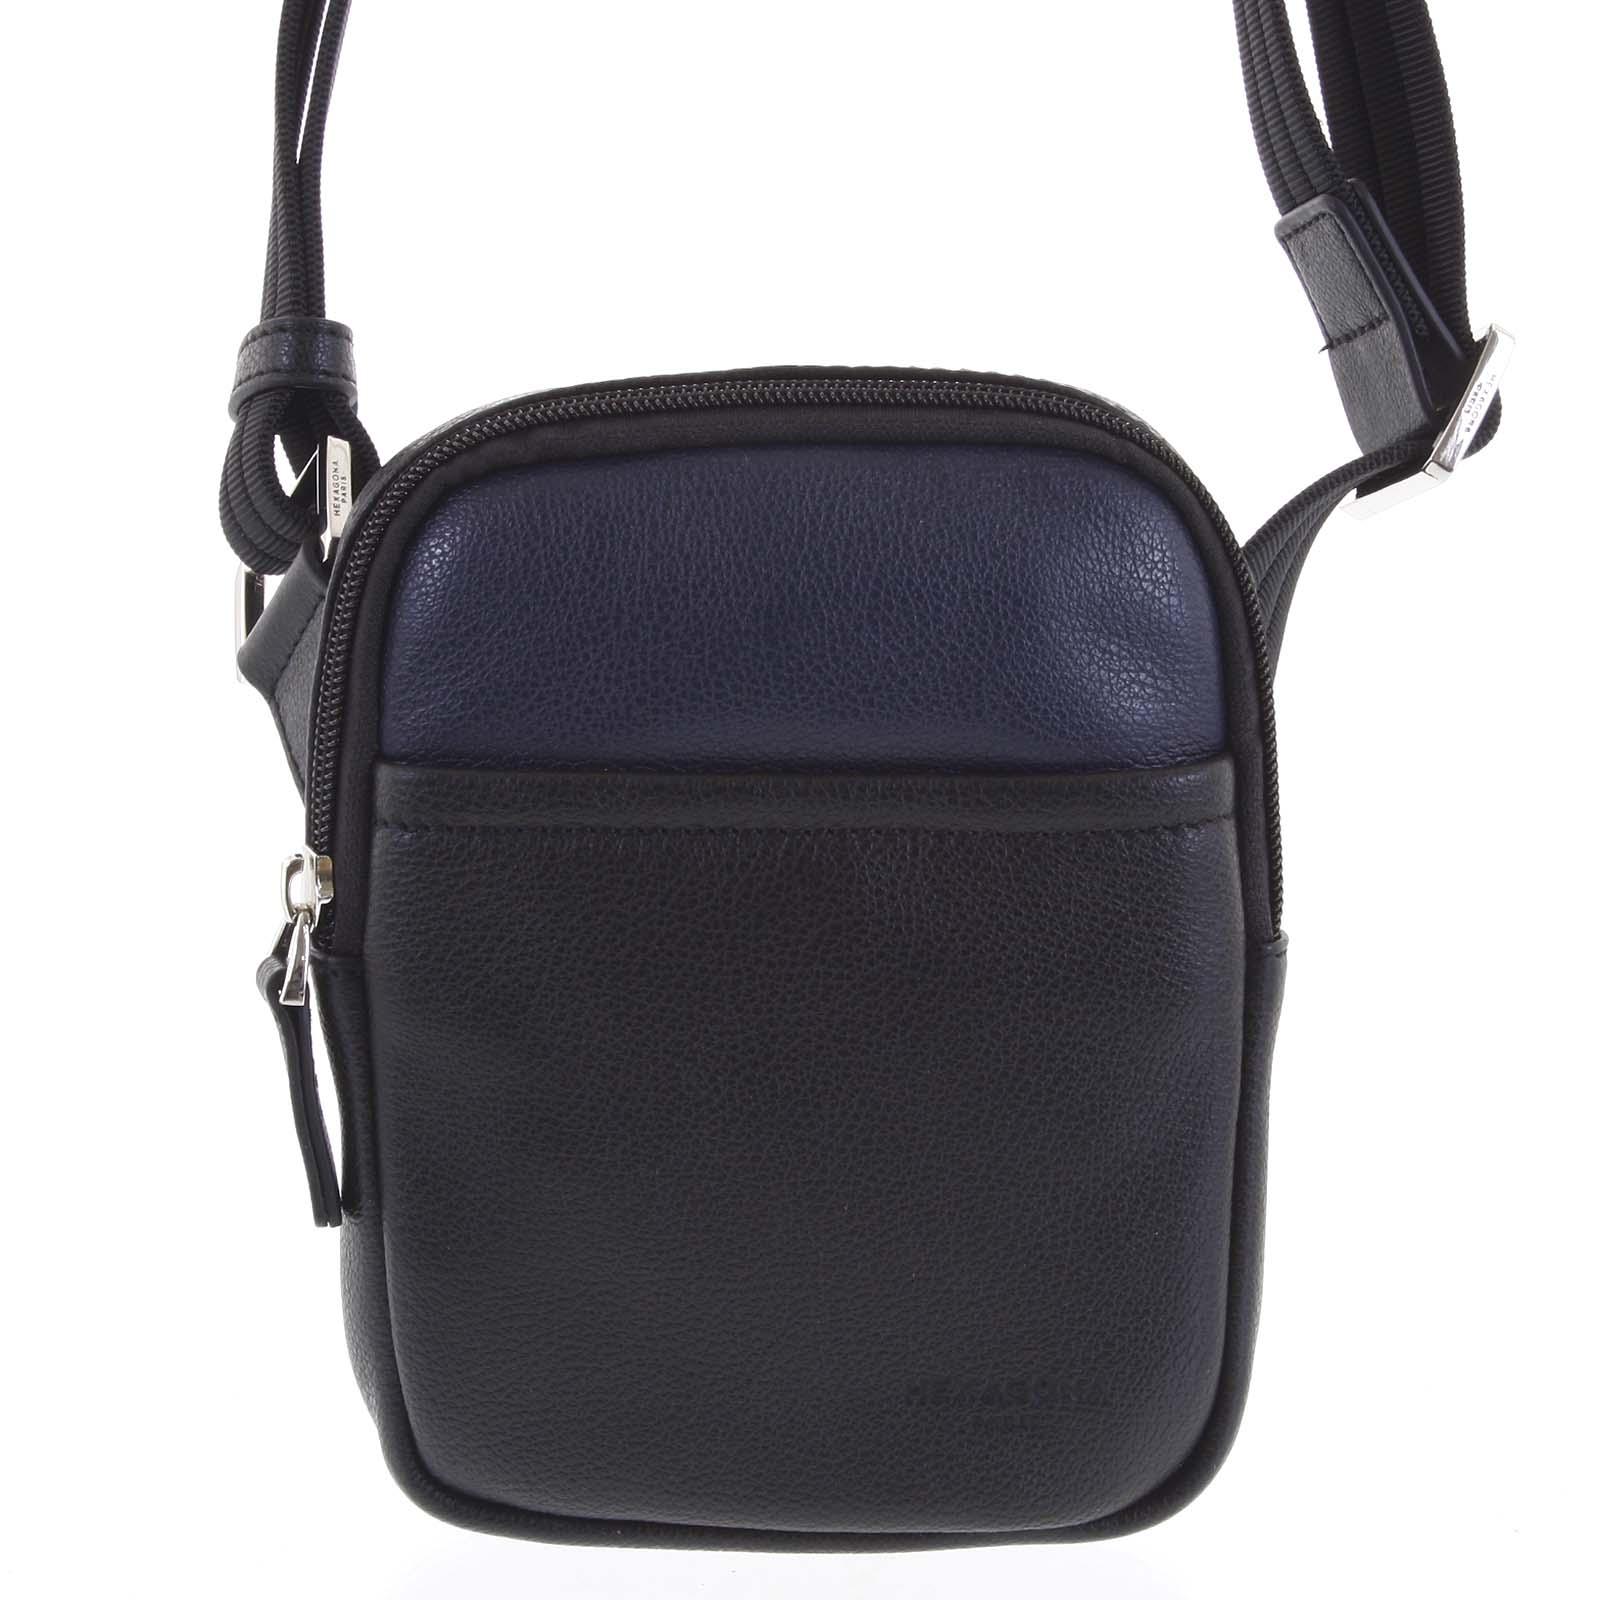 Pánska kožená taška na doklady čierno modrá - Hexagona Monday